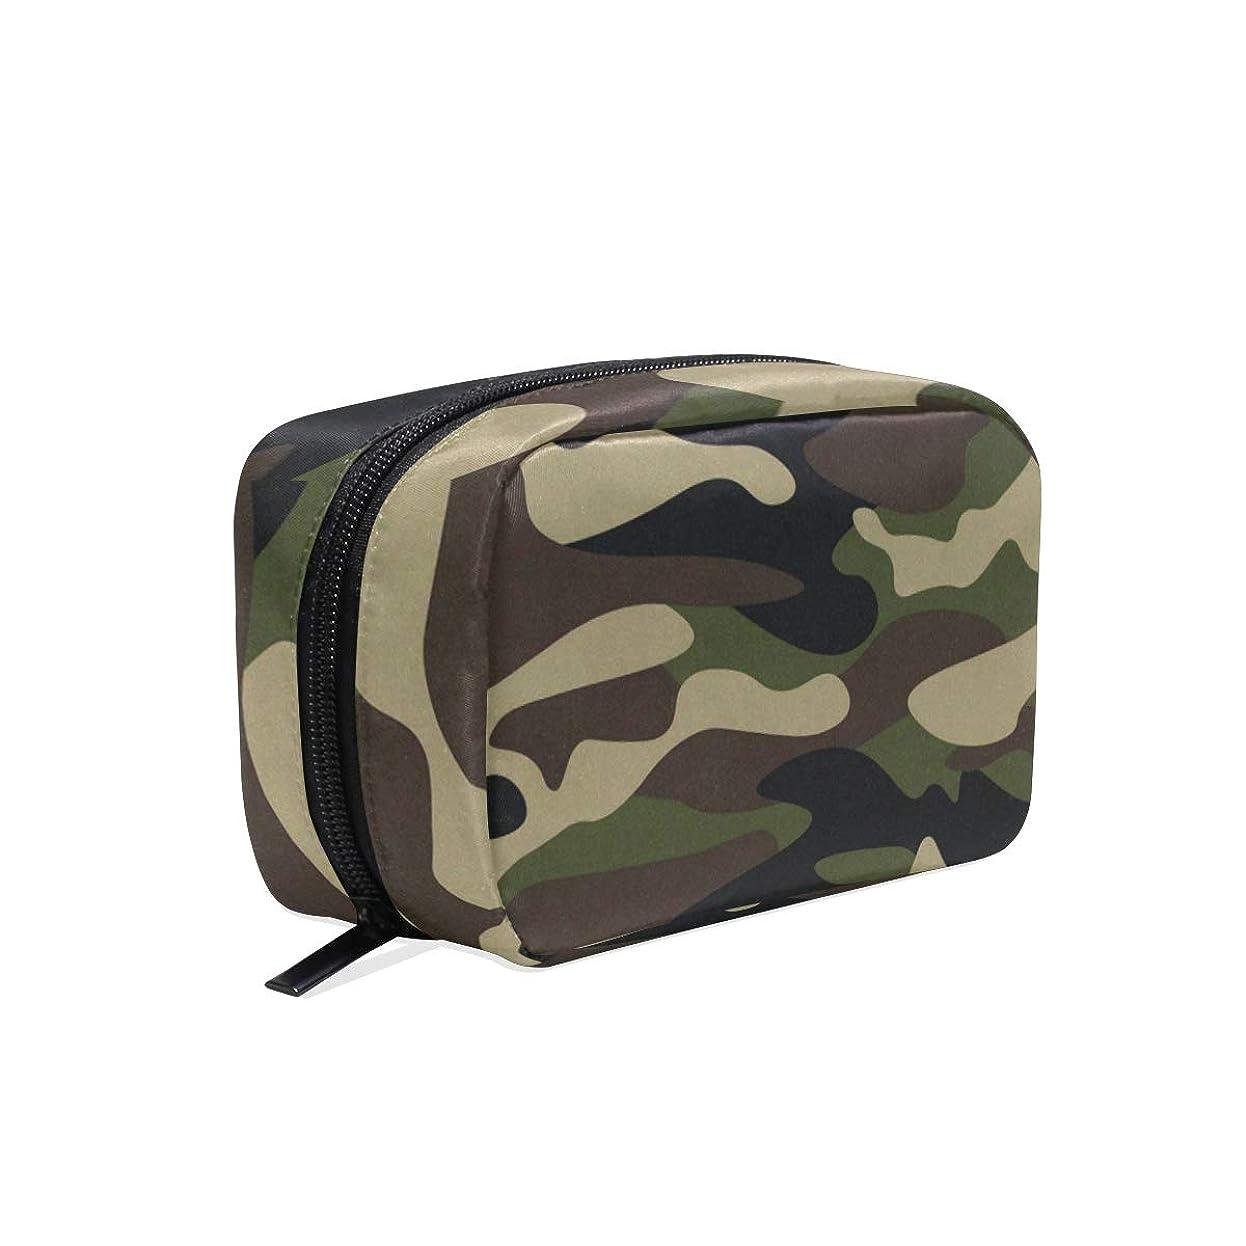 耐えるレタス無心迷彩柄 化粧ポーチ メイクポーチ 機能的 大容量 化粧品収納 小物入れ 普段使い 出張 旅行 メイク ブラシ バッグ 化粧バッグ